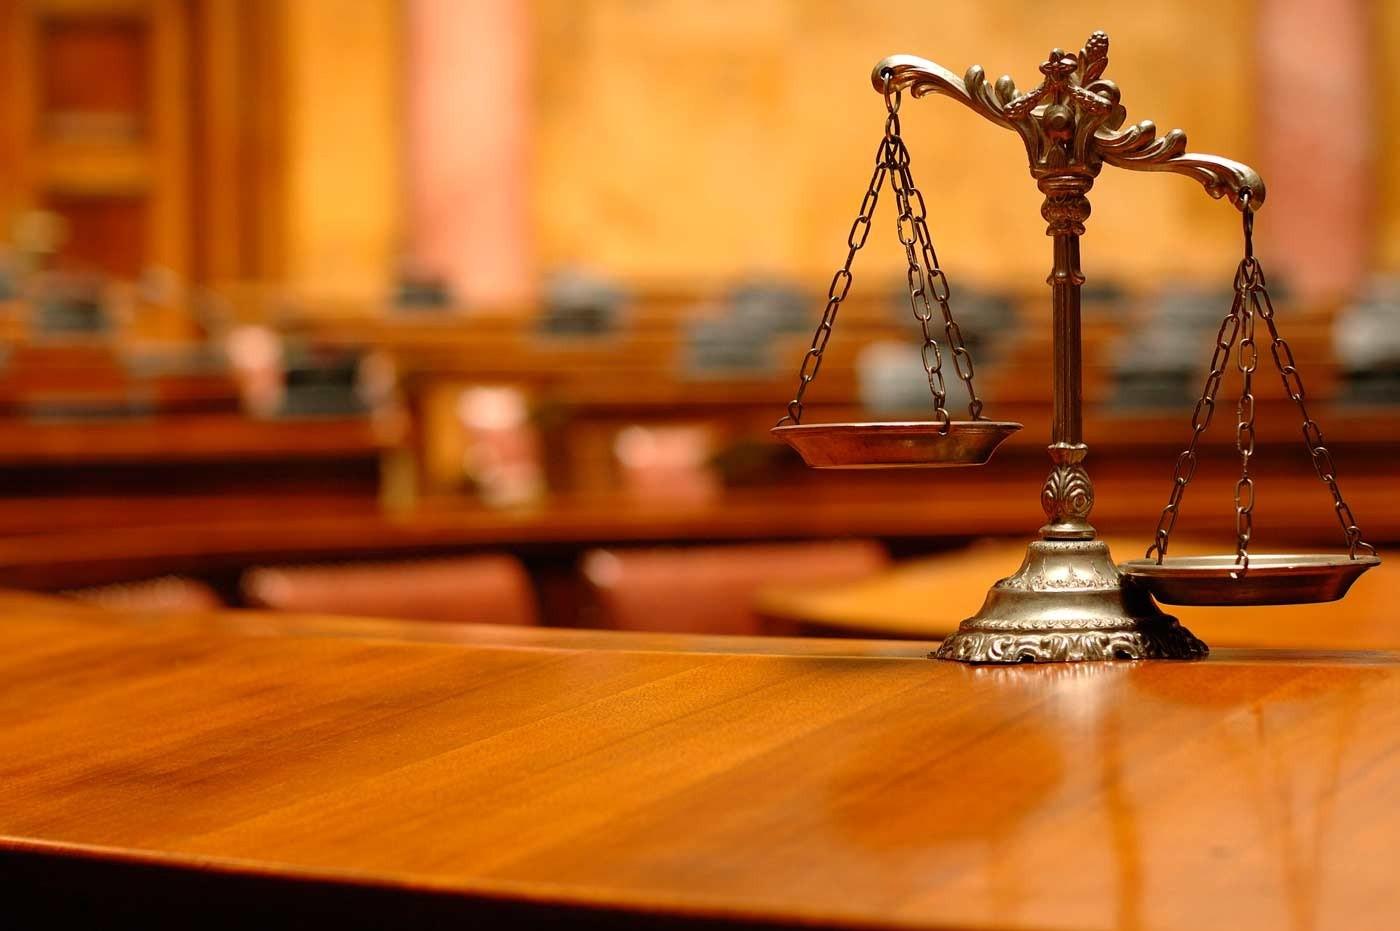 Сотрудник УБДД получил 3 года лишения свободы за получение взятки от контрабандиста наркотиками